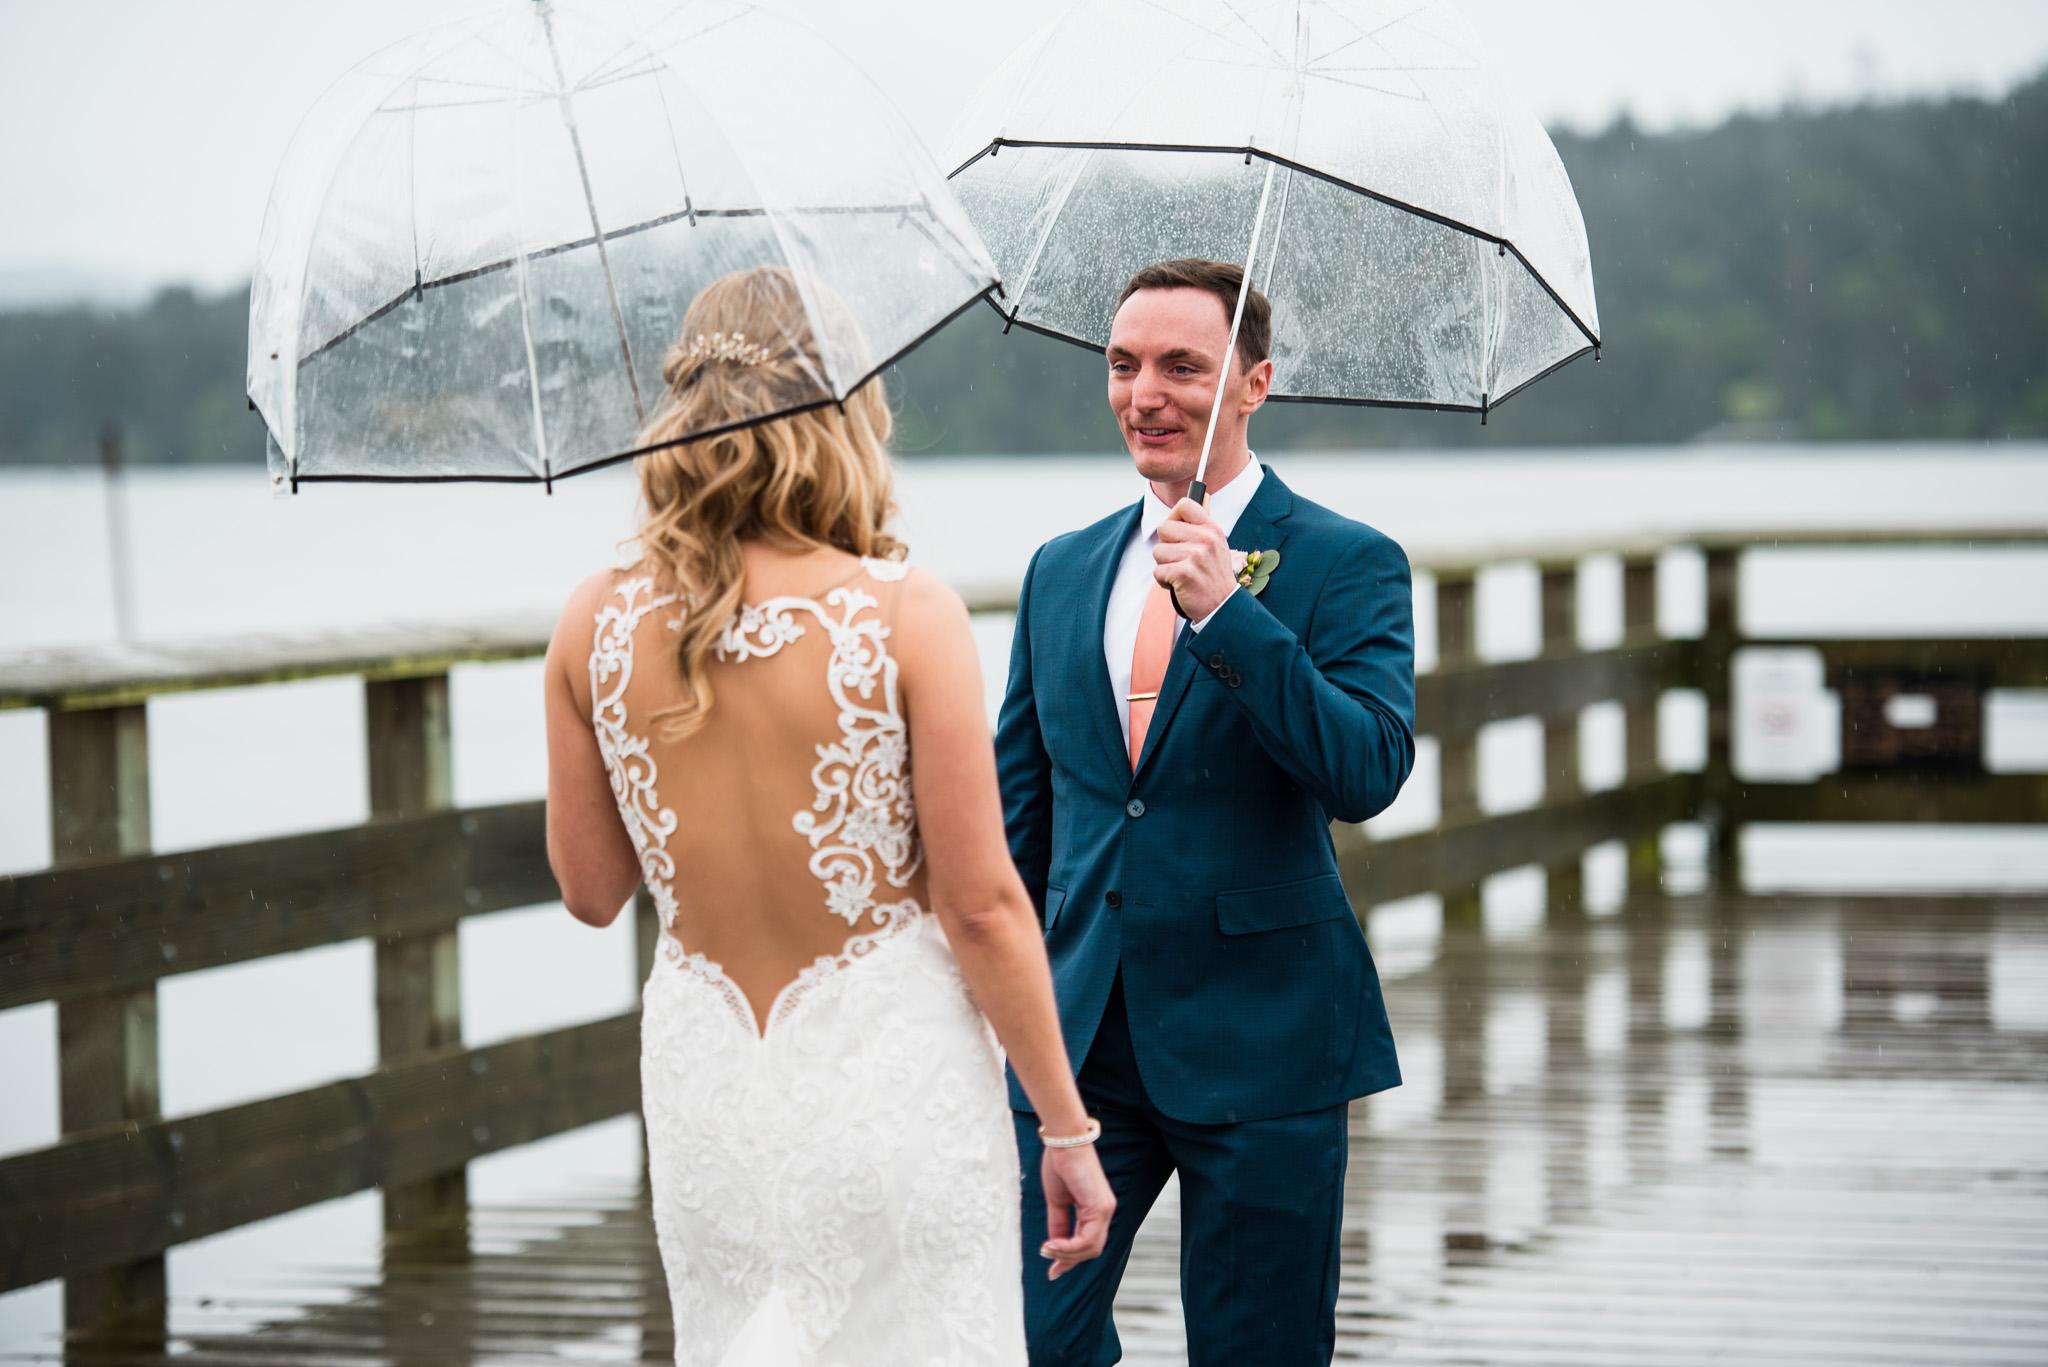 victoria-wedding-photographers-prestige-oceanfront-resort-wedding-16.jpg